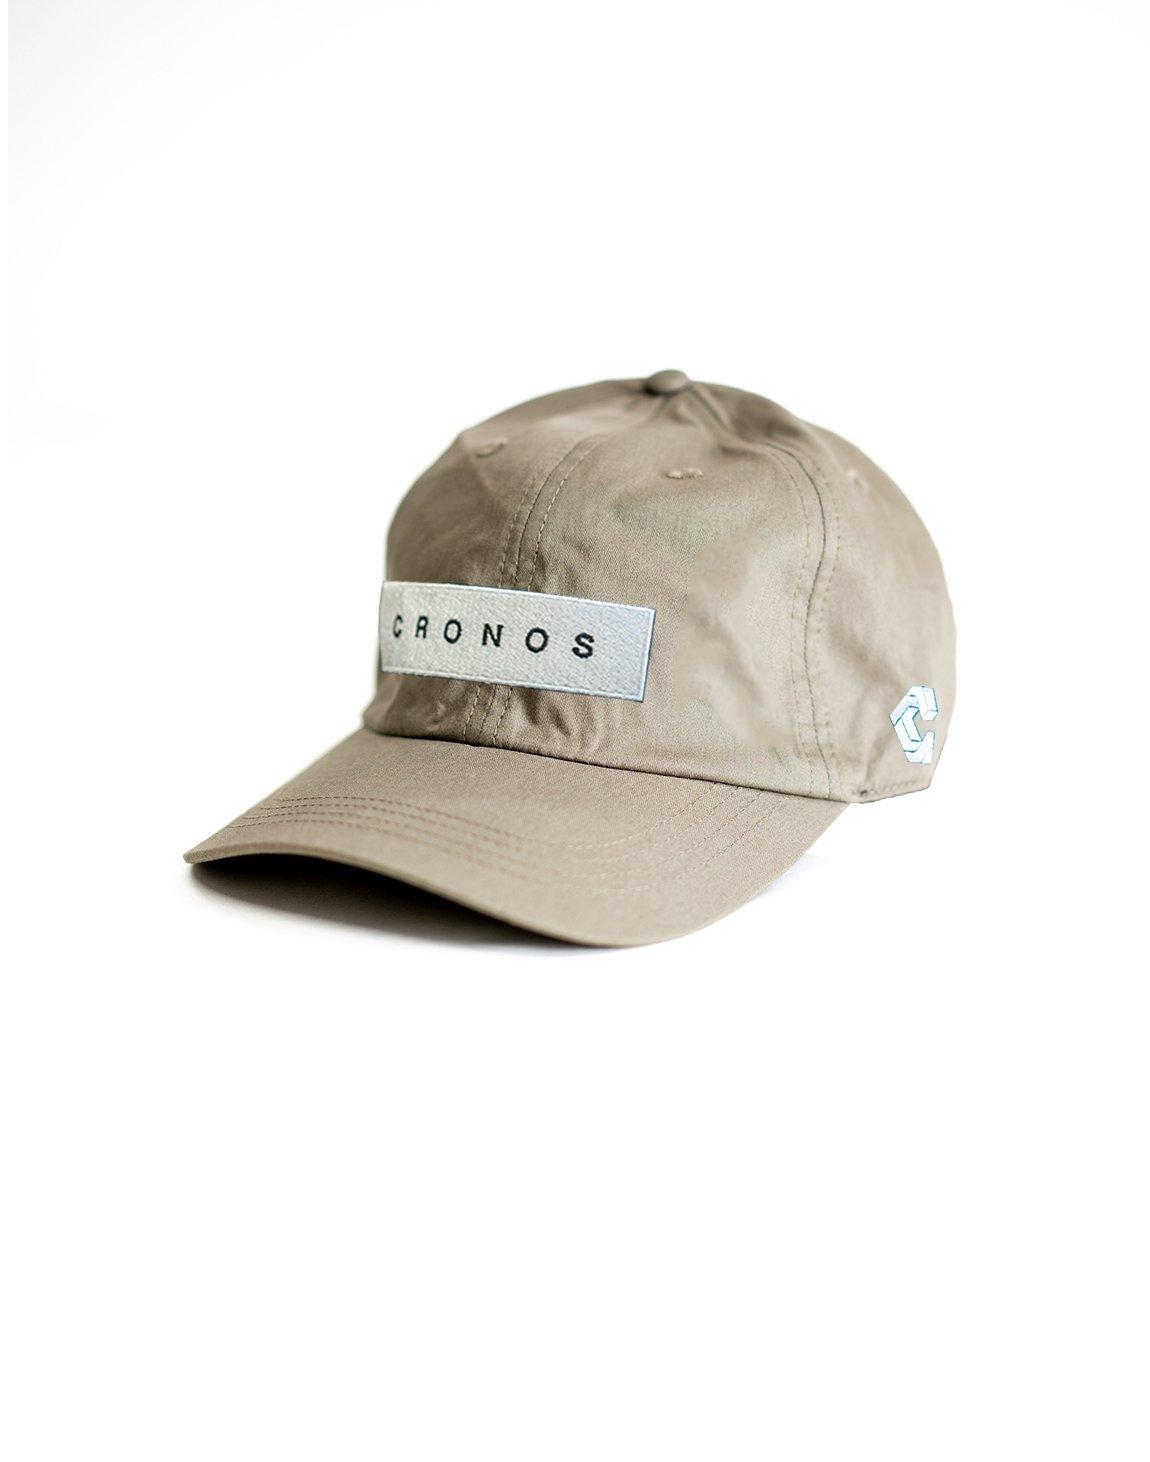 CRONOS BOX LOGO CAP 【GRAY】